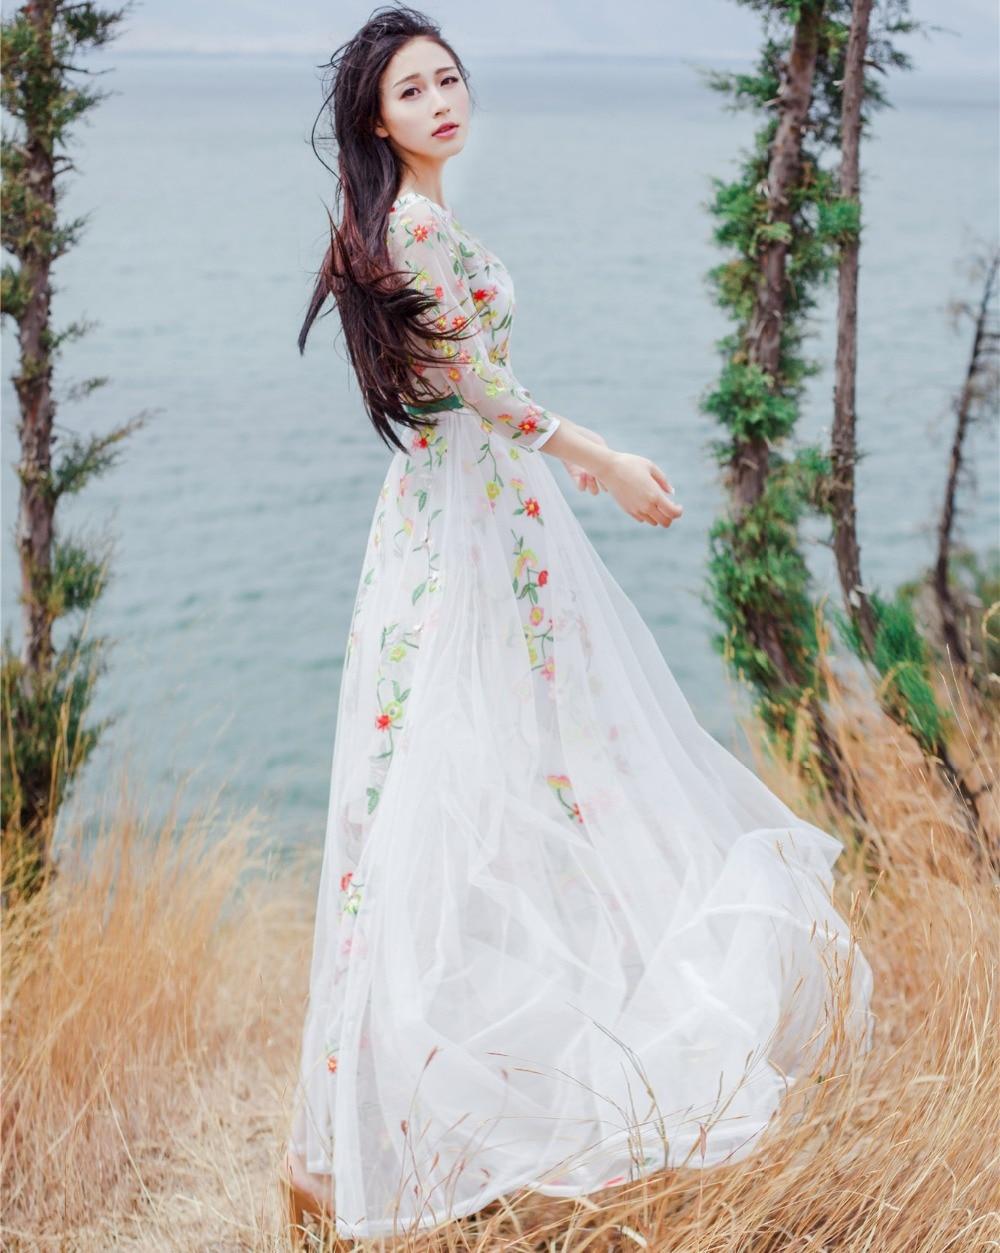 Fantastic Medieval Wedding Gown Vignette - All Wedding Dresses ...